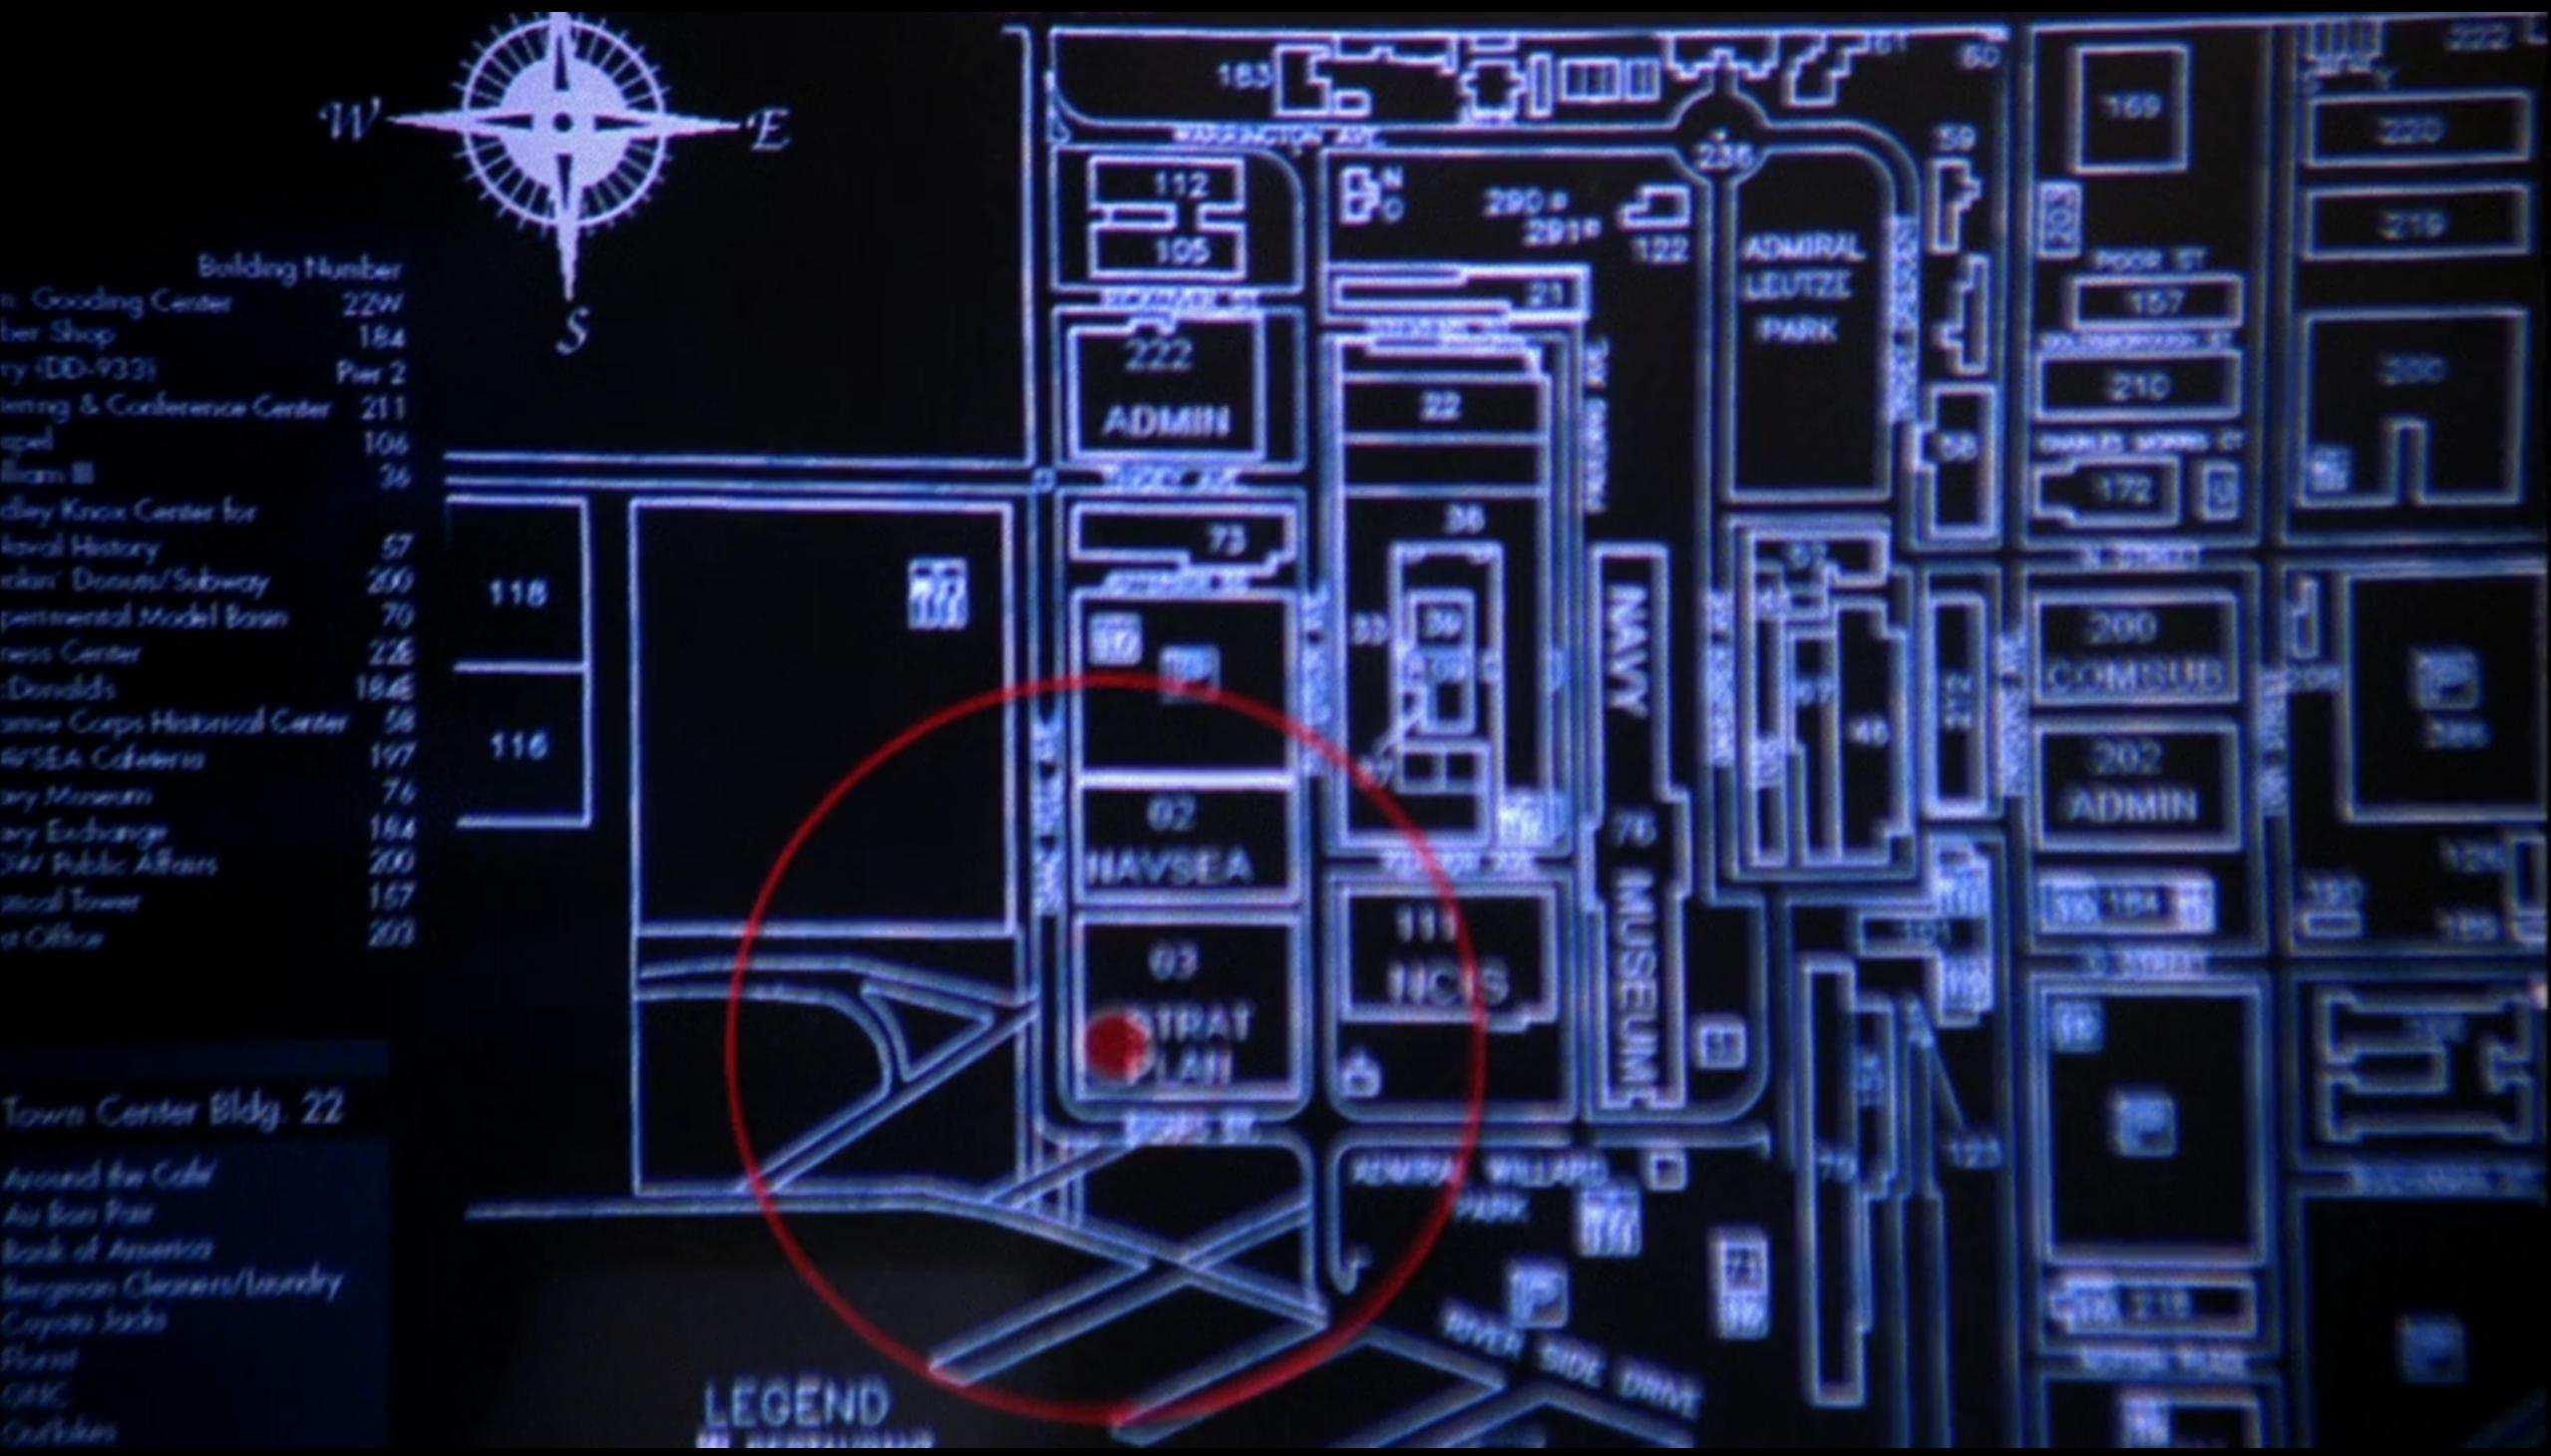 Map Of The Washington Navy Yard From S06e10 Road Kill Ncis